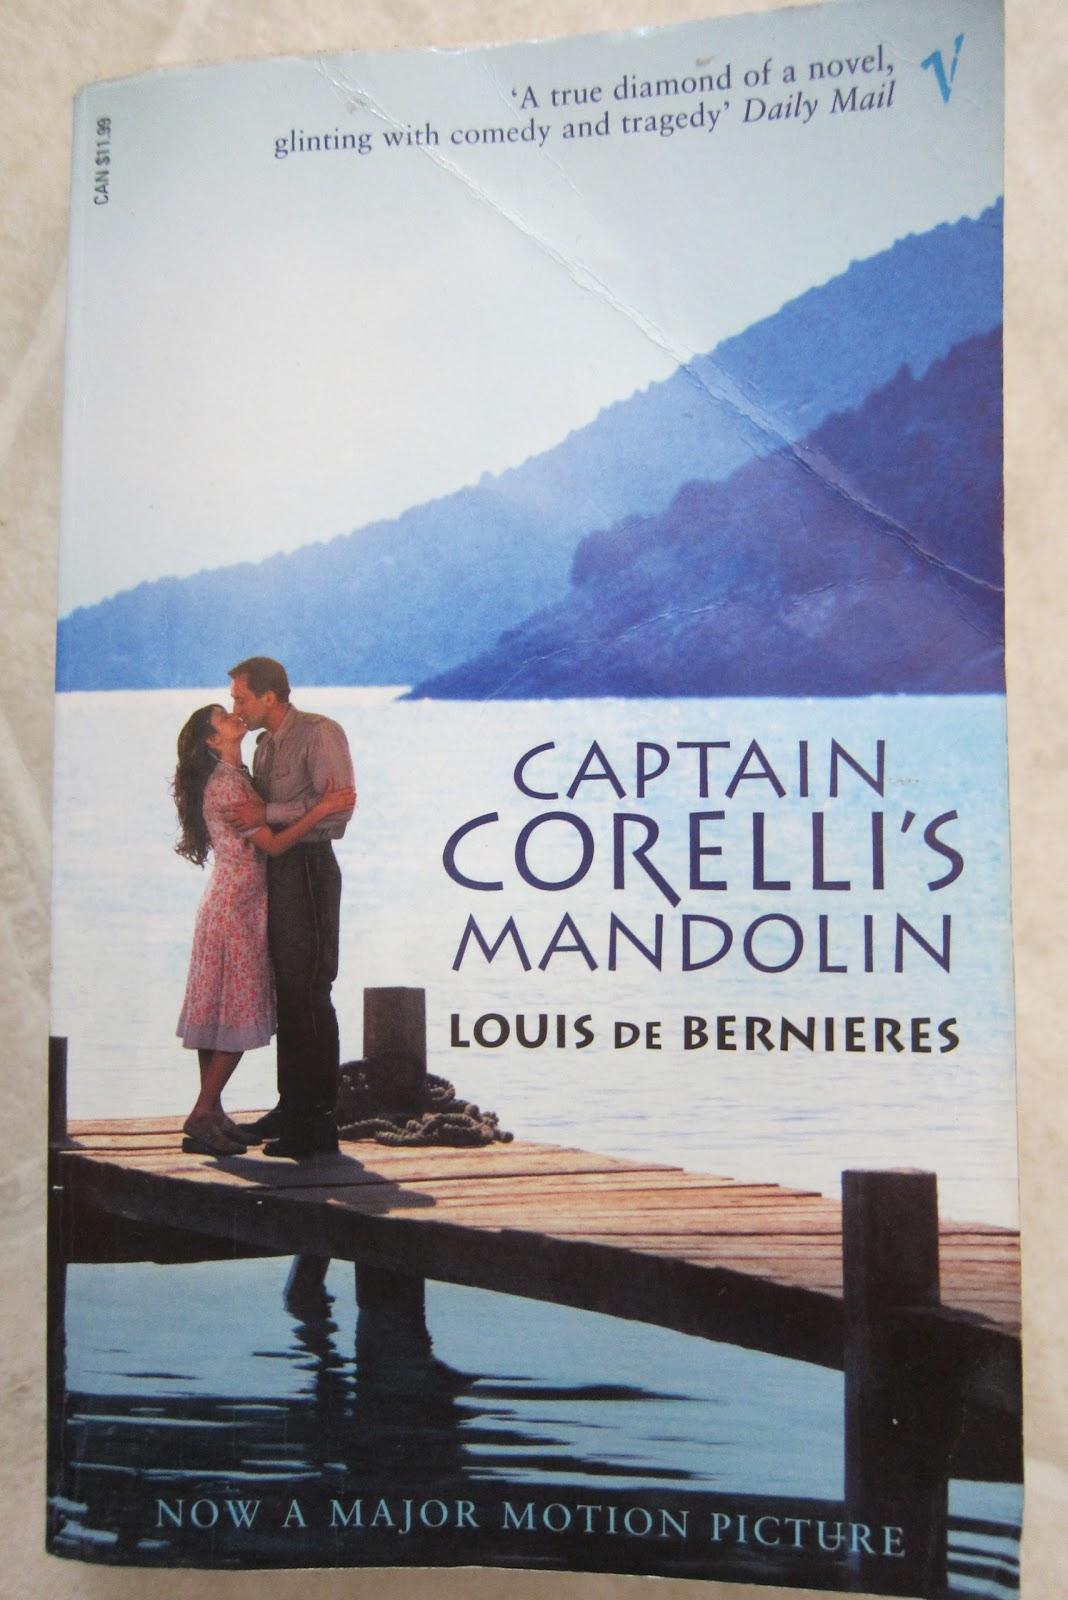 captain corellis mandolin essay Louis de bernières' novel captain corelli's mandolin essay , the two sides to every greek: hellene vs romoi 1844 words 8 pages louis de bernieres's novel.